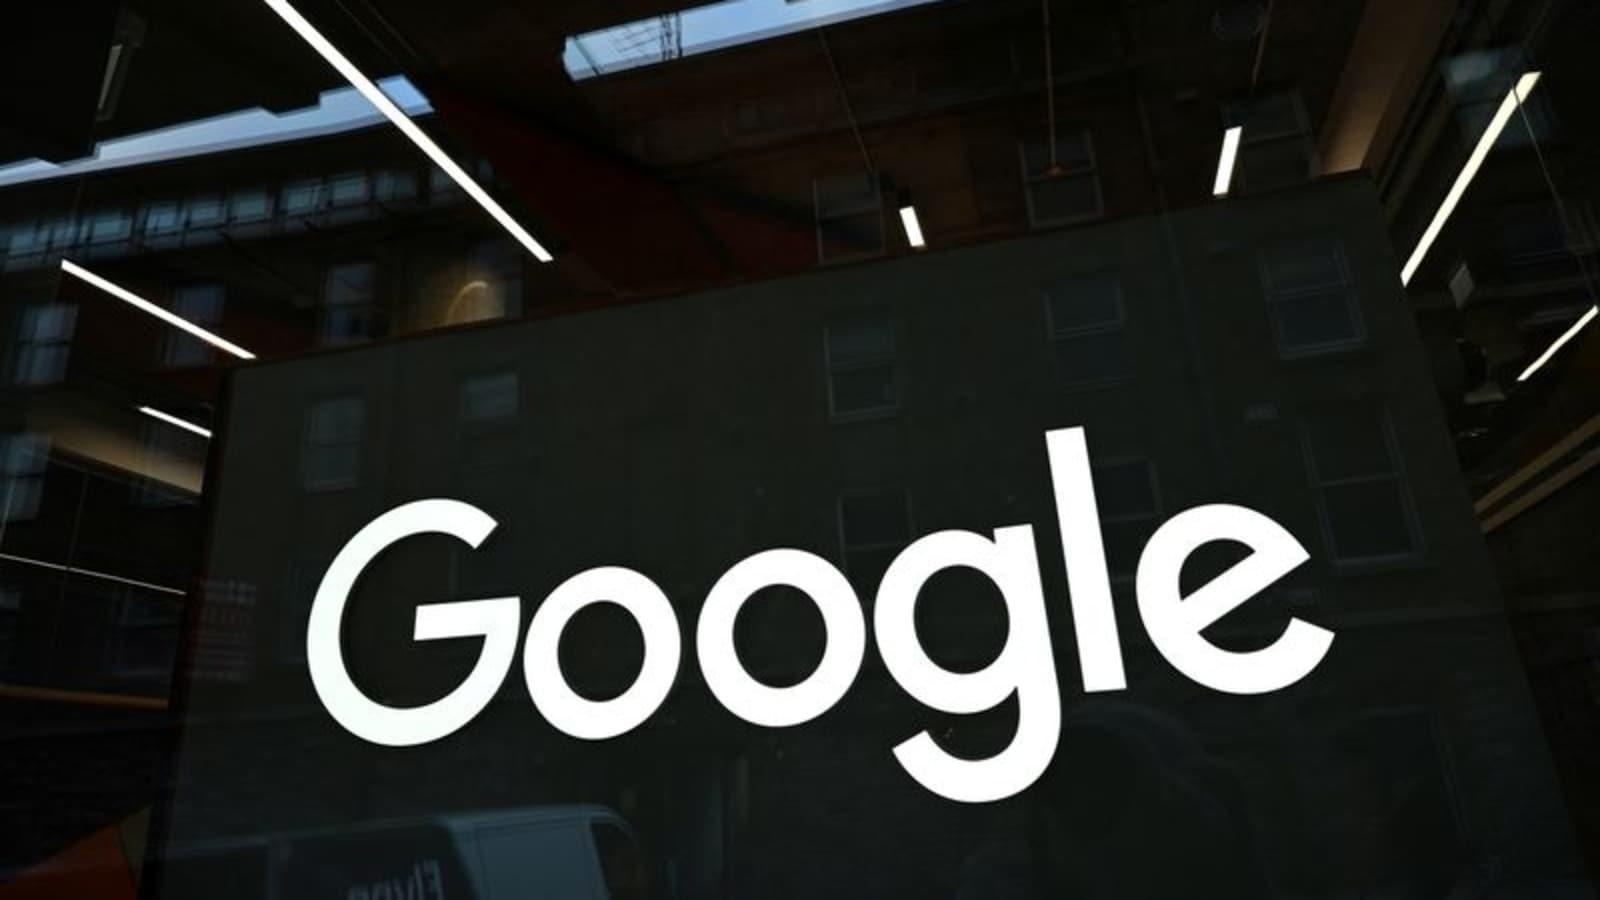 Google floats News Showcase in India with top publishers | கூகிள் இந்தியாவில் சிறந்த செய்தி வெளியீட்டாளர்களுடன் இணைந்து செய்திகளை வெளியிடுகிறது |_40.1